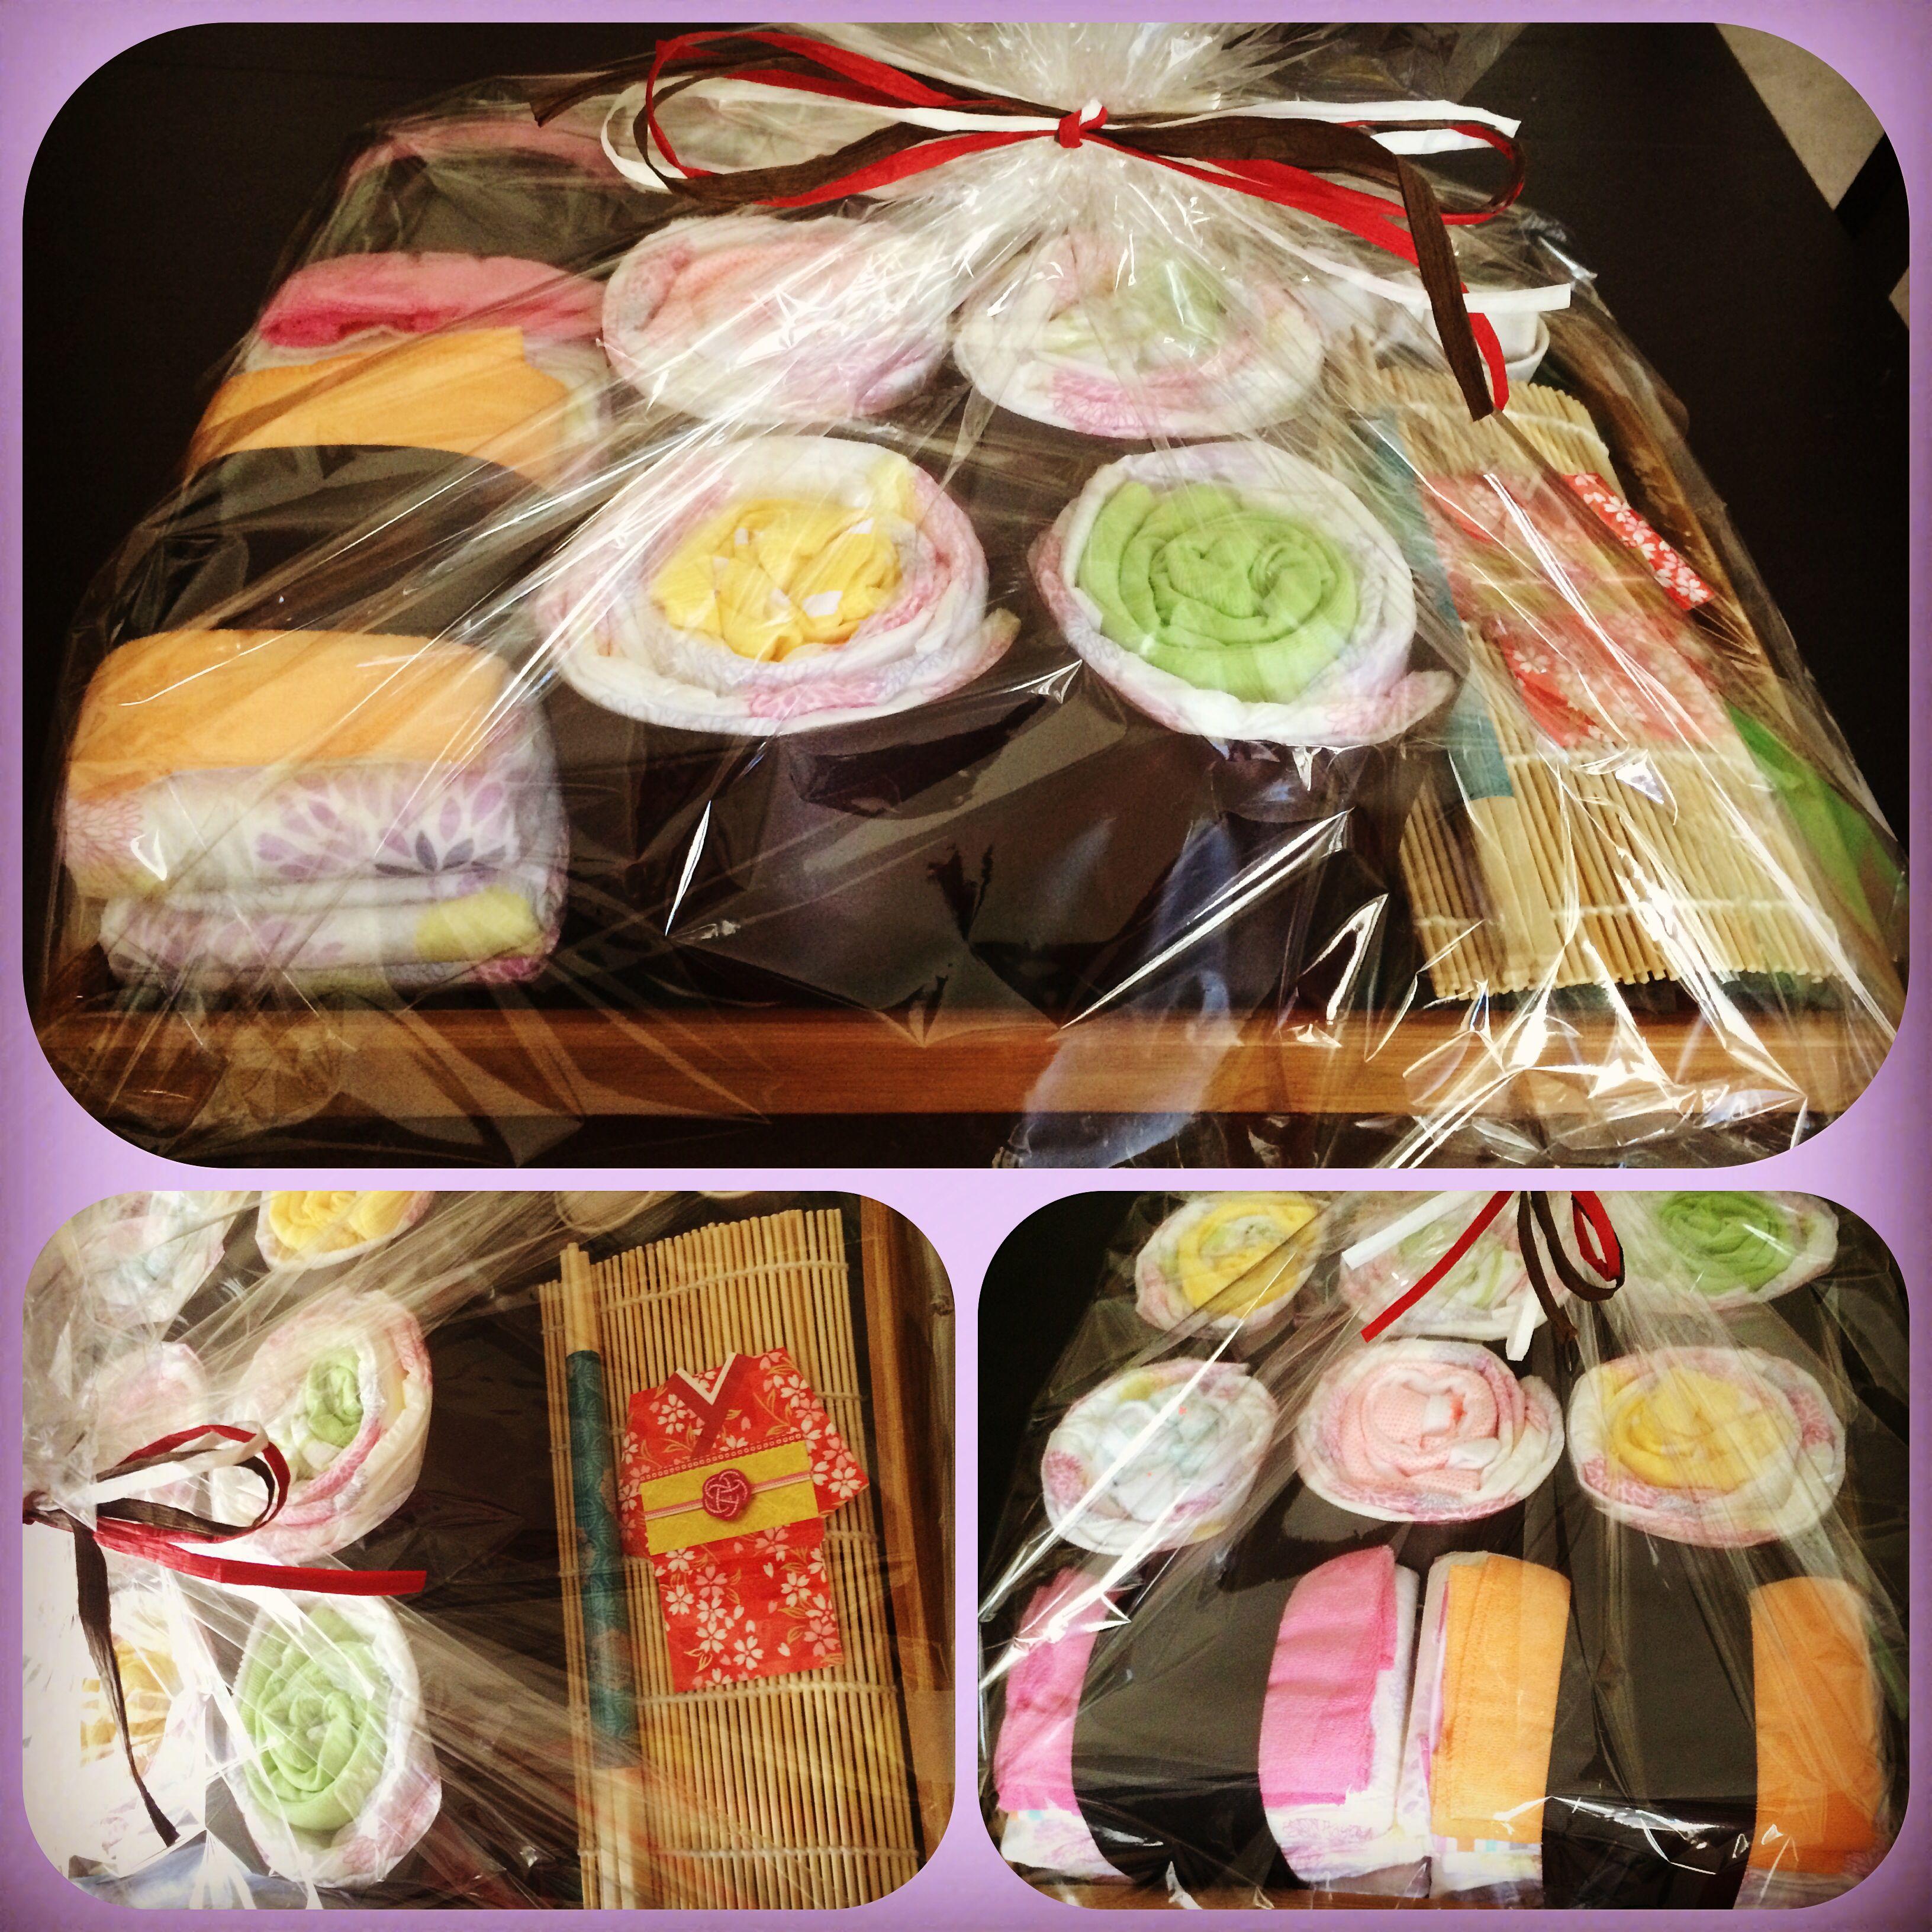 my first diaper cake, er... diaper sushi. - marilou  #sushi #diapercake #japan #japanese #baby #babyshower